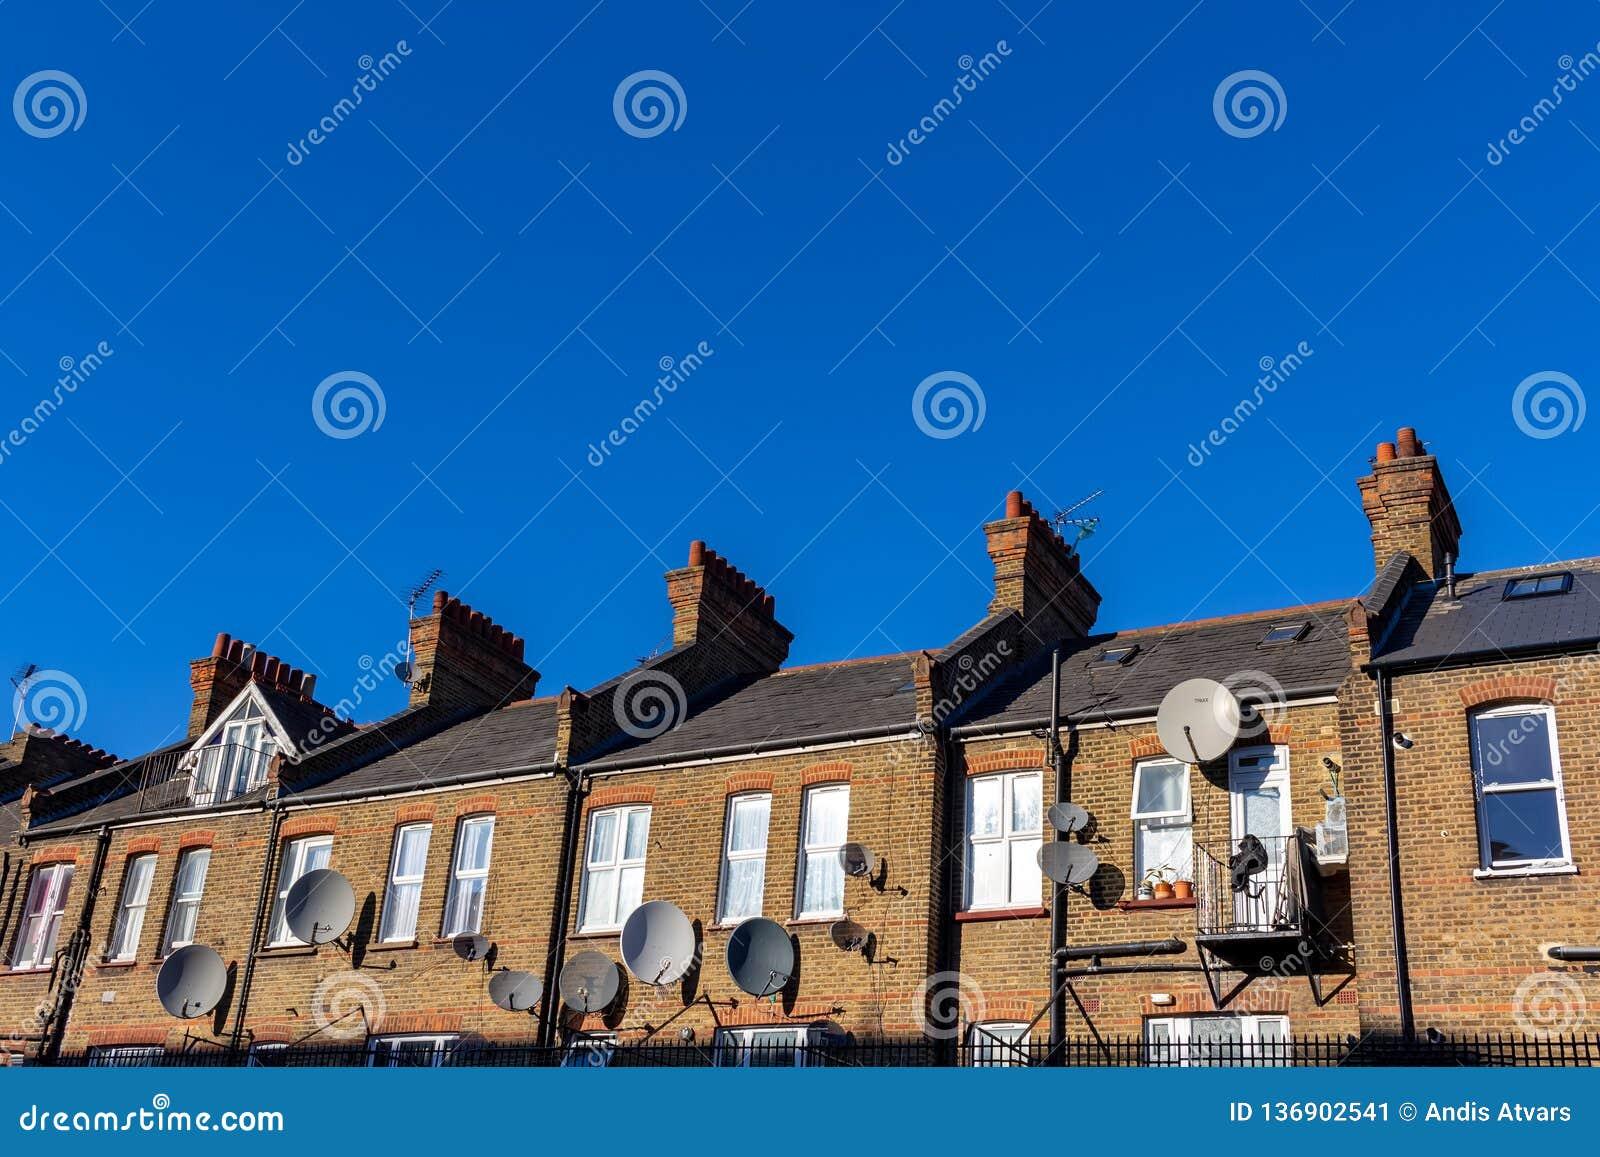 De straat van Londen van typische kleine de 19de eeuw Victoriaanse terrasvormige huizen